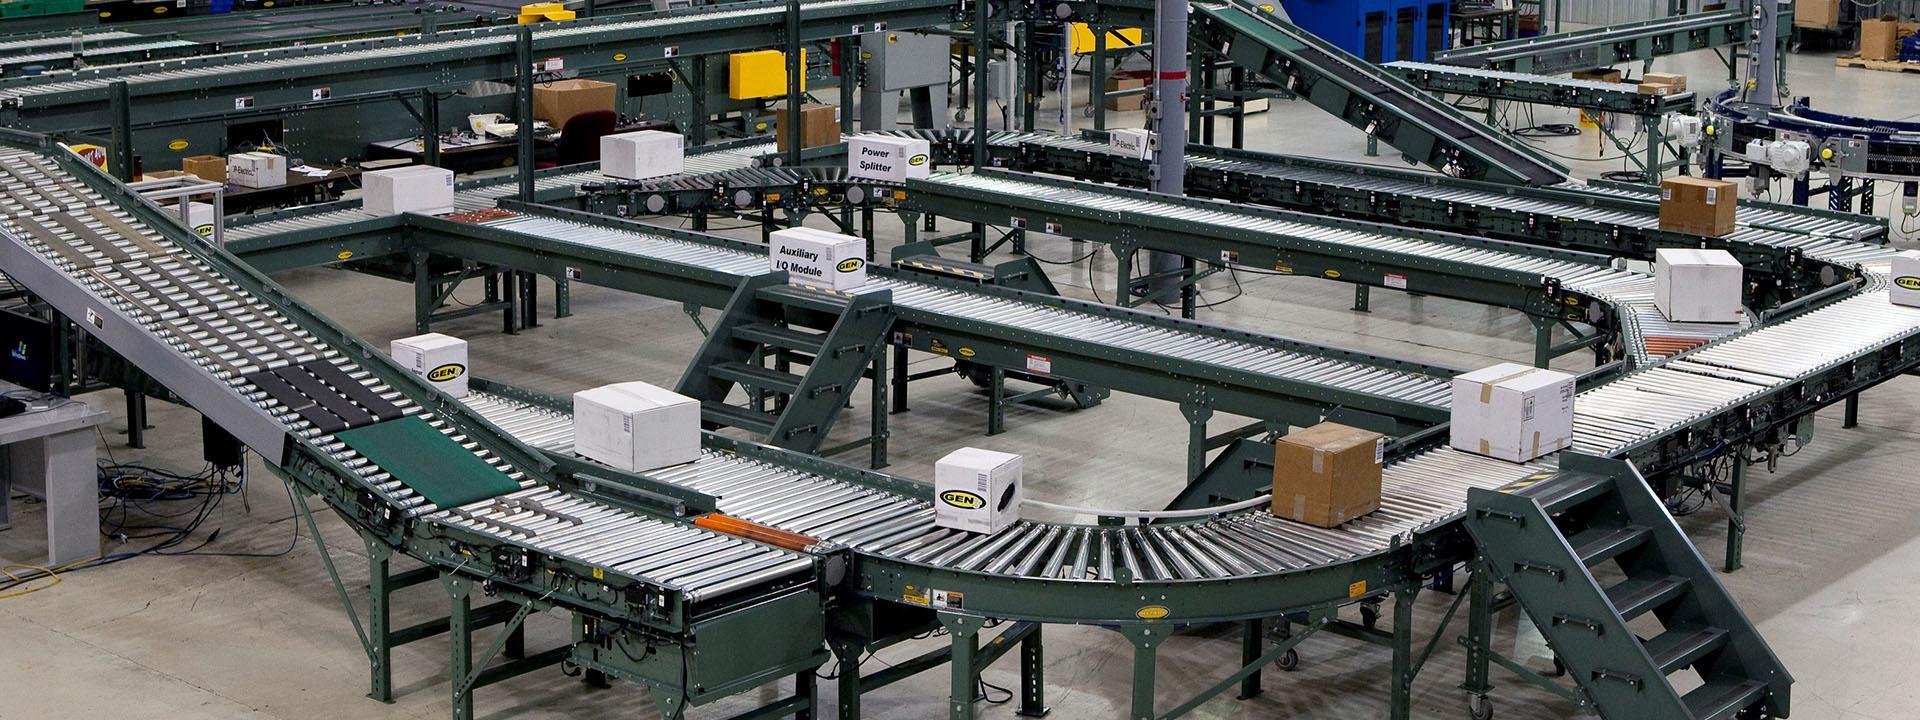 Реферат - разработка и исследование устройства автоматической стабилизации нагрузки привода ленточного конвейера - бутко алексей андреевич